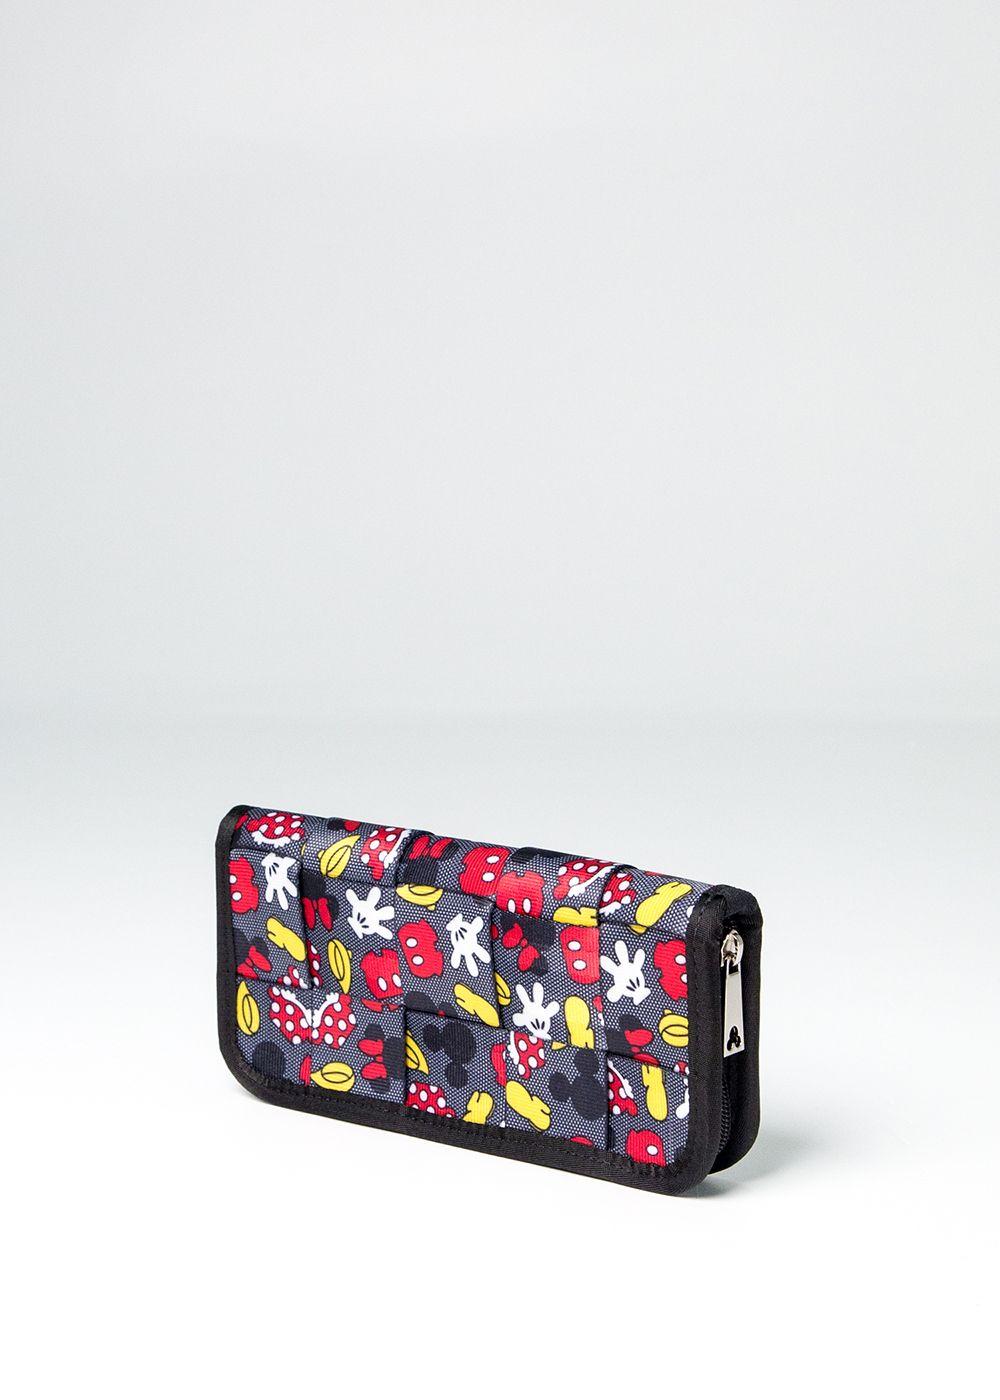 Disney Clutch Wallet Love You To Pieces - HARVEYS Original